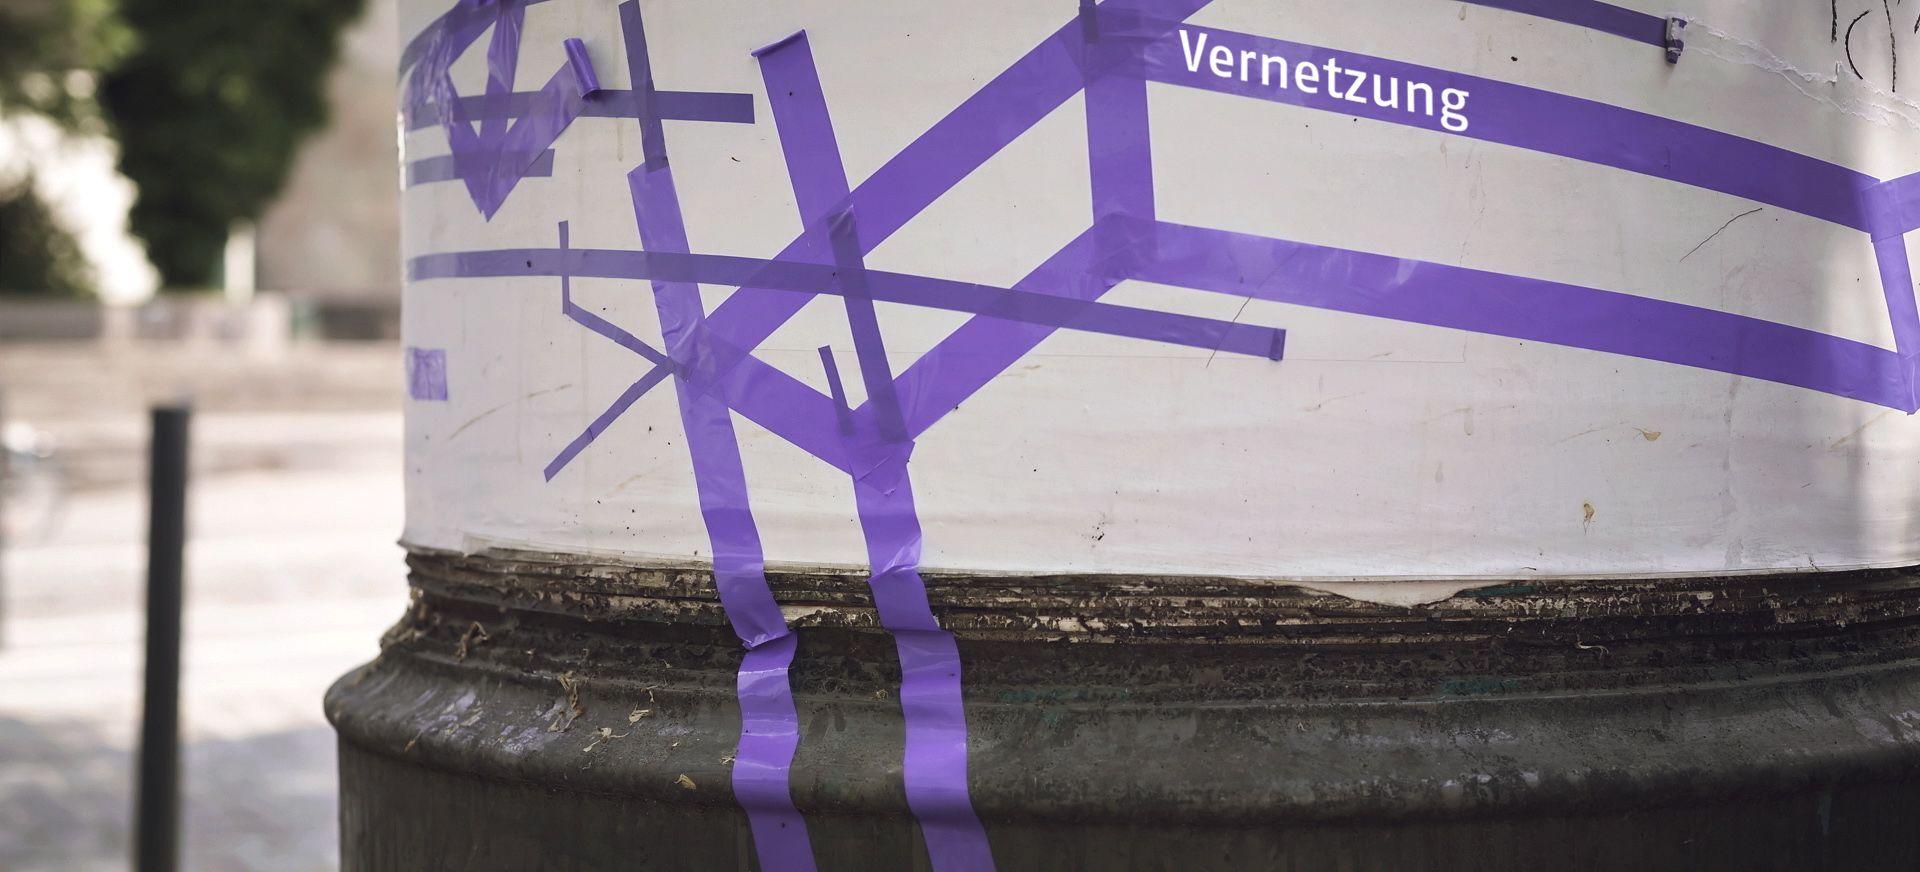 Tagung VERNETZUNG Über das Morgen hinaus, 16. Mai 2014, Foto: GfG / Gruppe für Gestaltung © Quadriennale GmbH